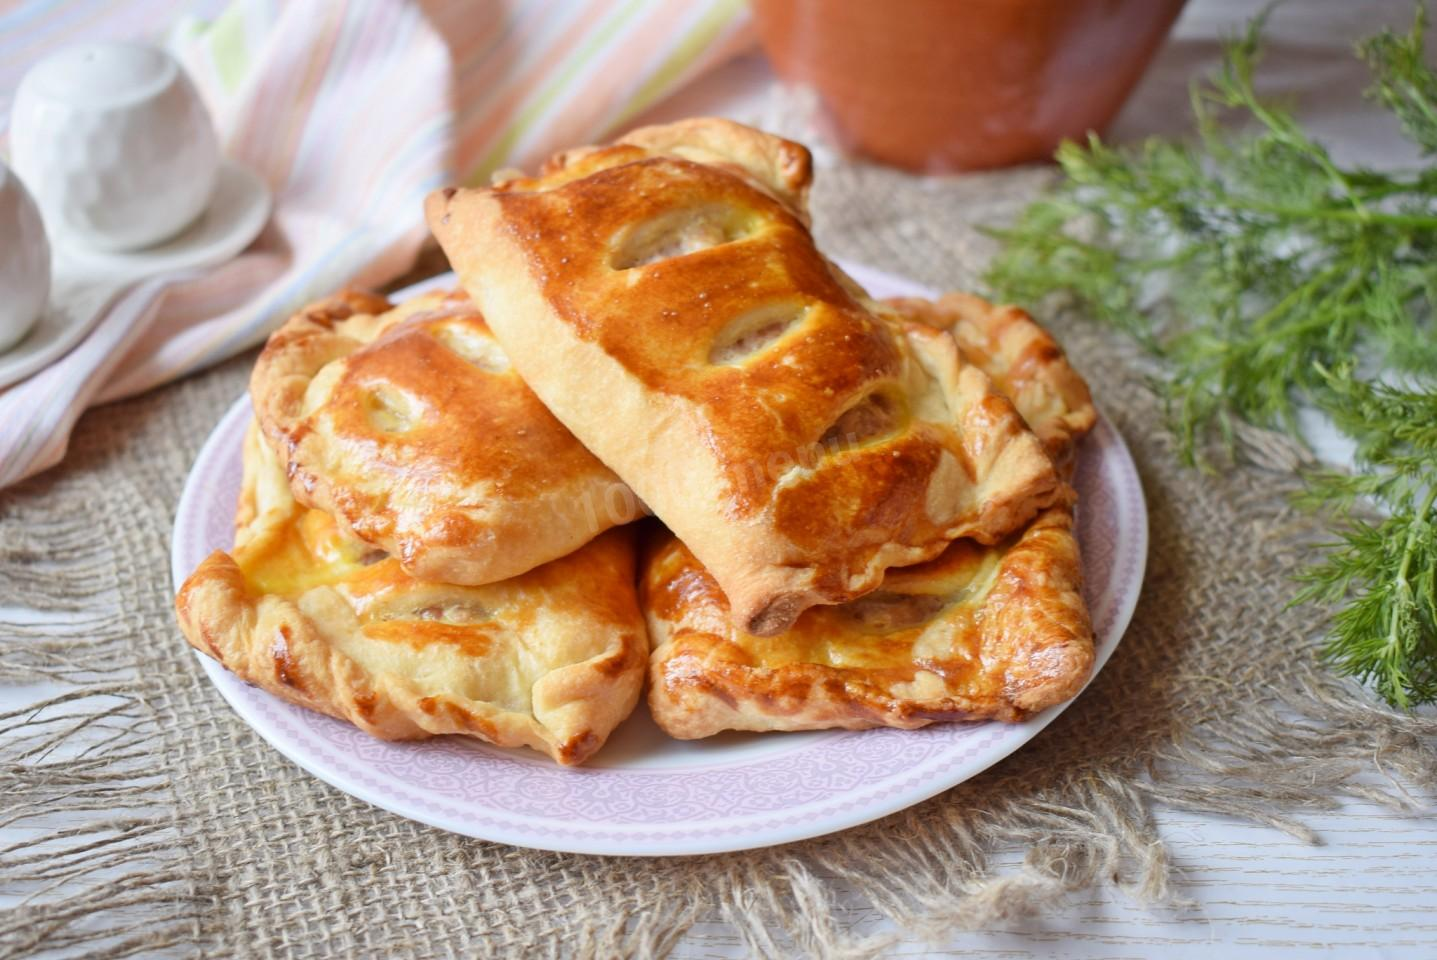 Слоеные пирожки с творогом: сладкие, соленые, с изюмом, сыром, яблоками. пирожки с творогом из слоеного теста: бездрожжевого, дрожжевого, магазинного